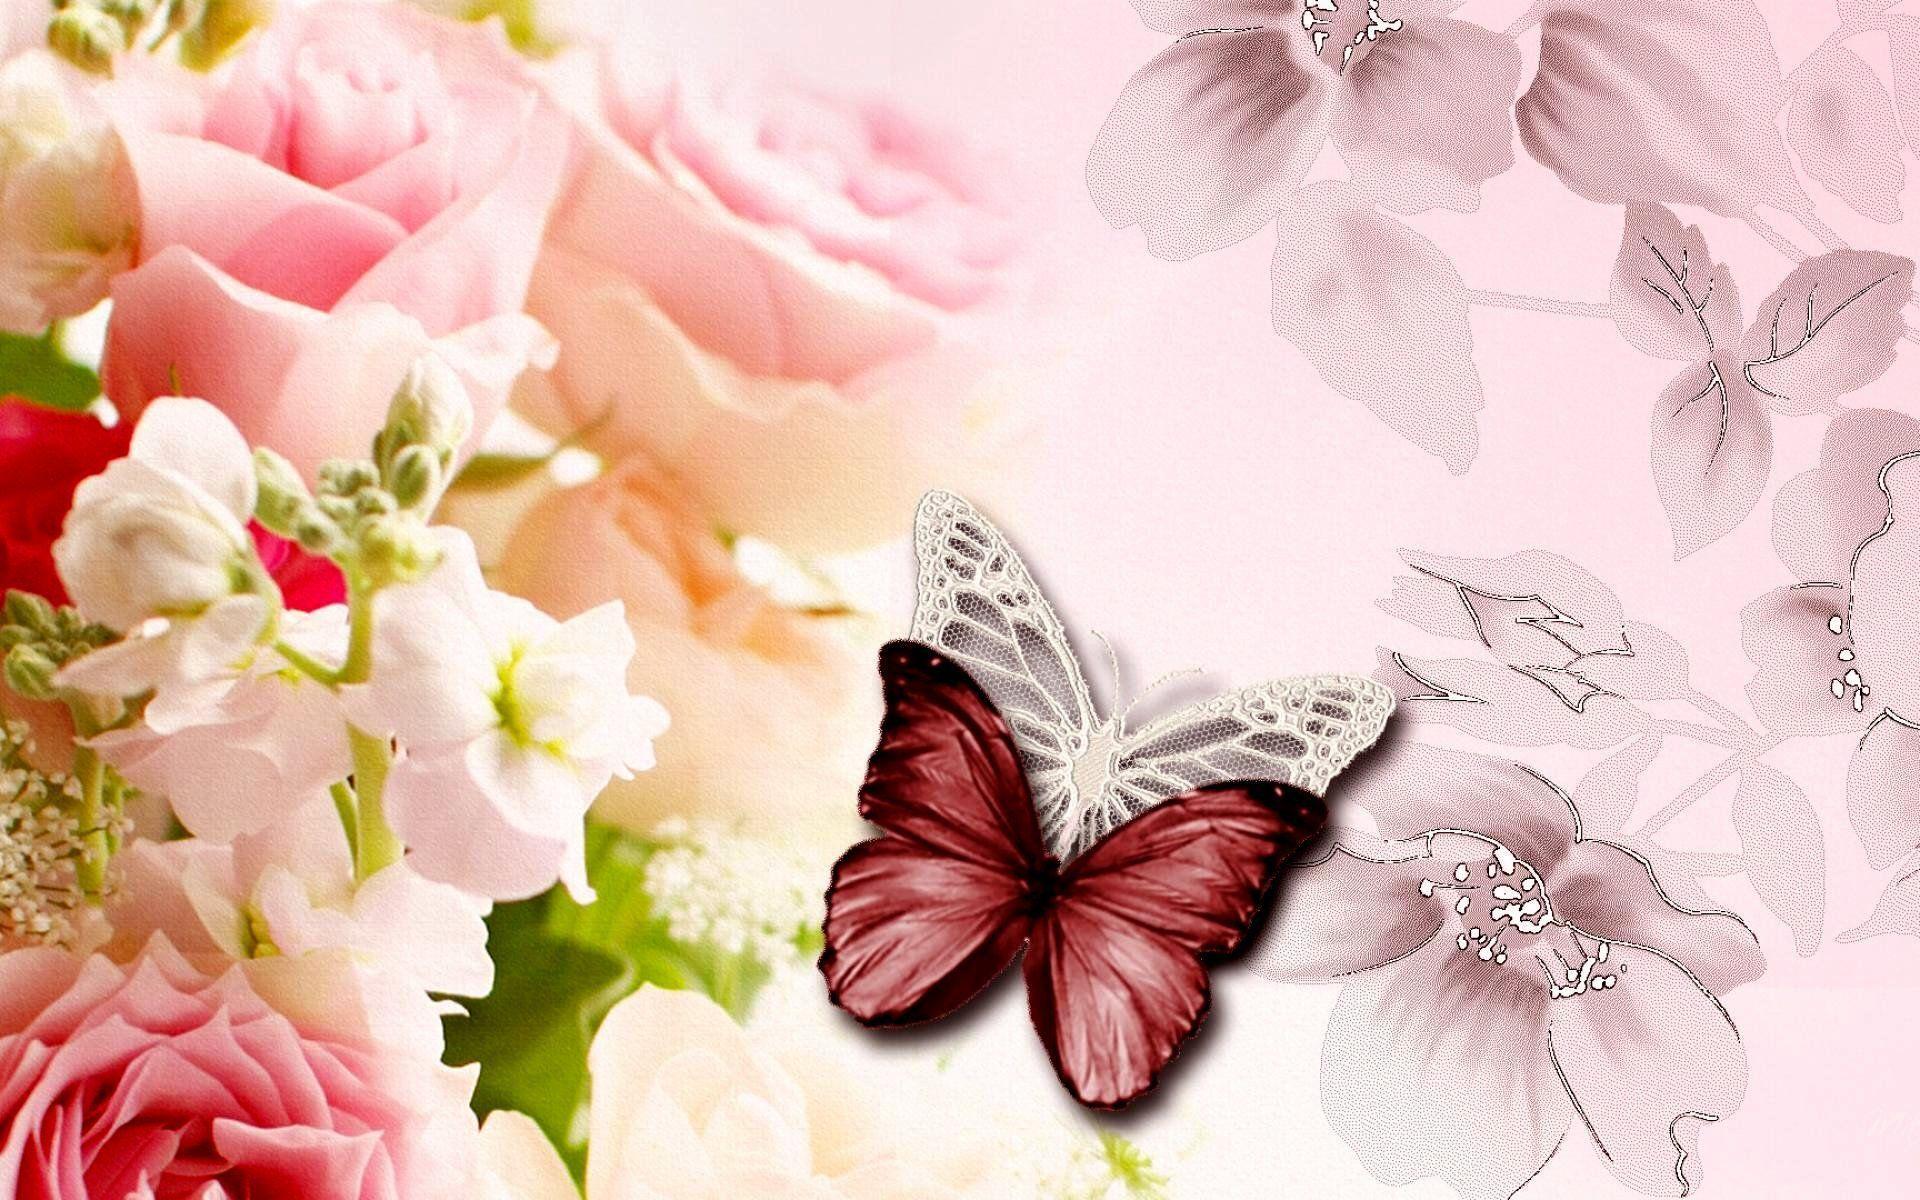 Pastel Flowers Butterflies Wallpapers Top Free Pastel Flowers Butterflies Backgrounds Wallpaperaccess